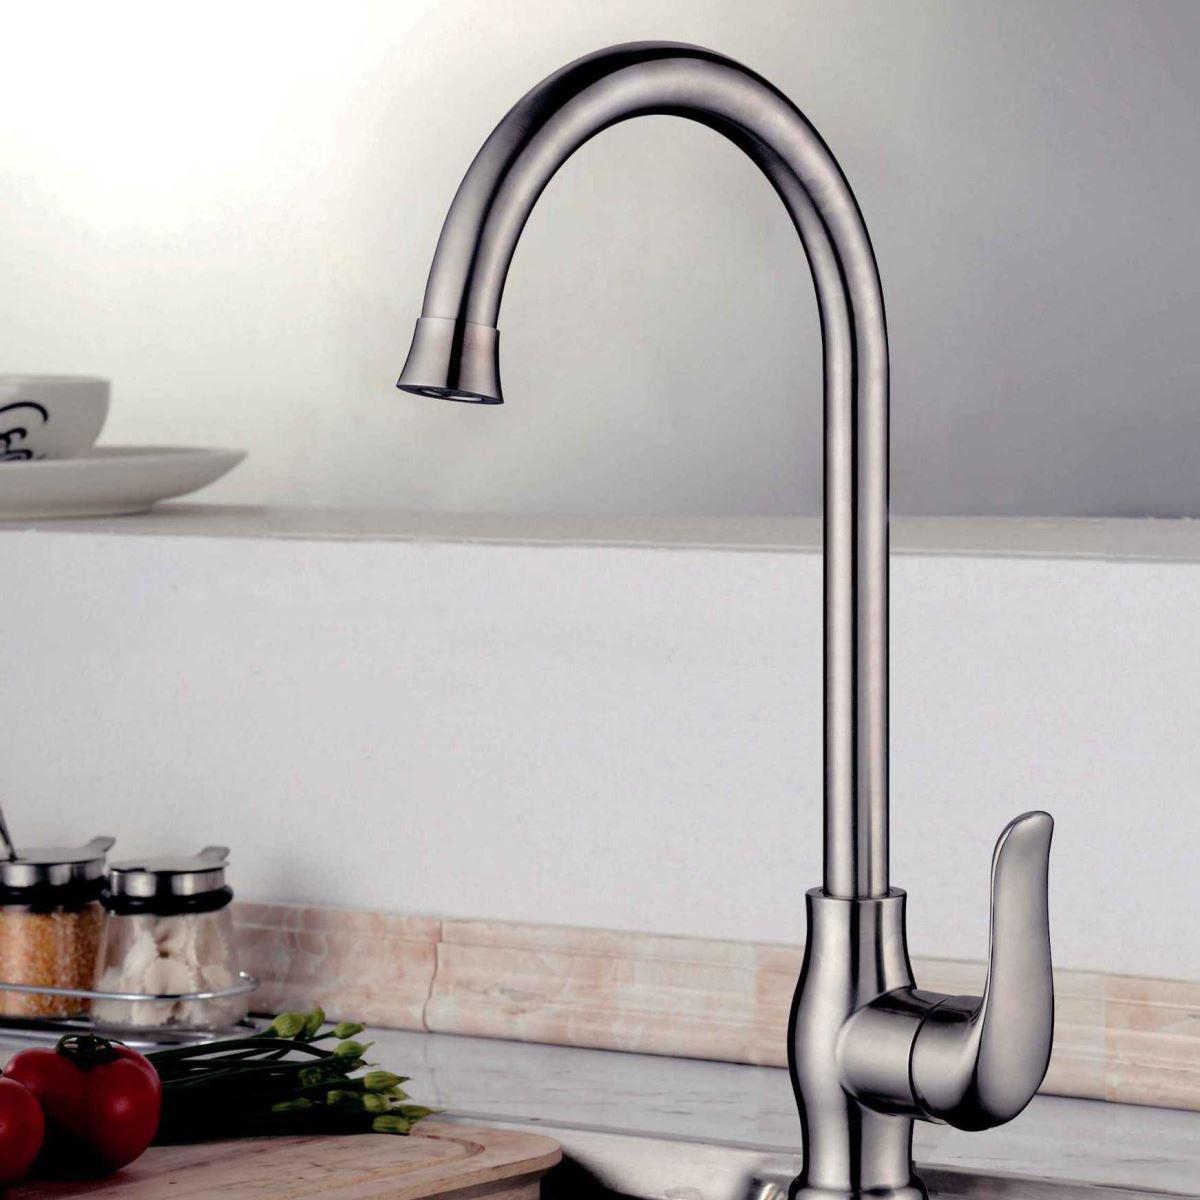 Vòi nước inox304 cao cấp thiết kế hiện đại cho phòng bếp 7315